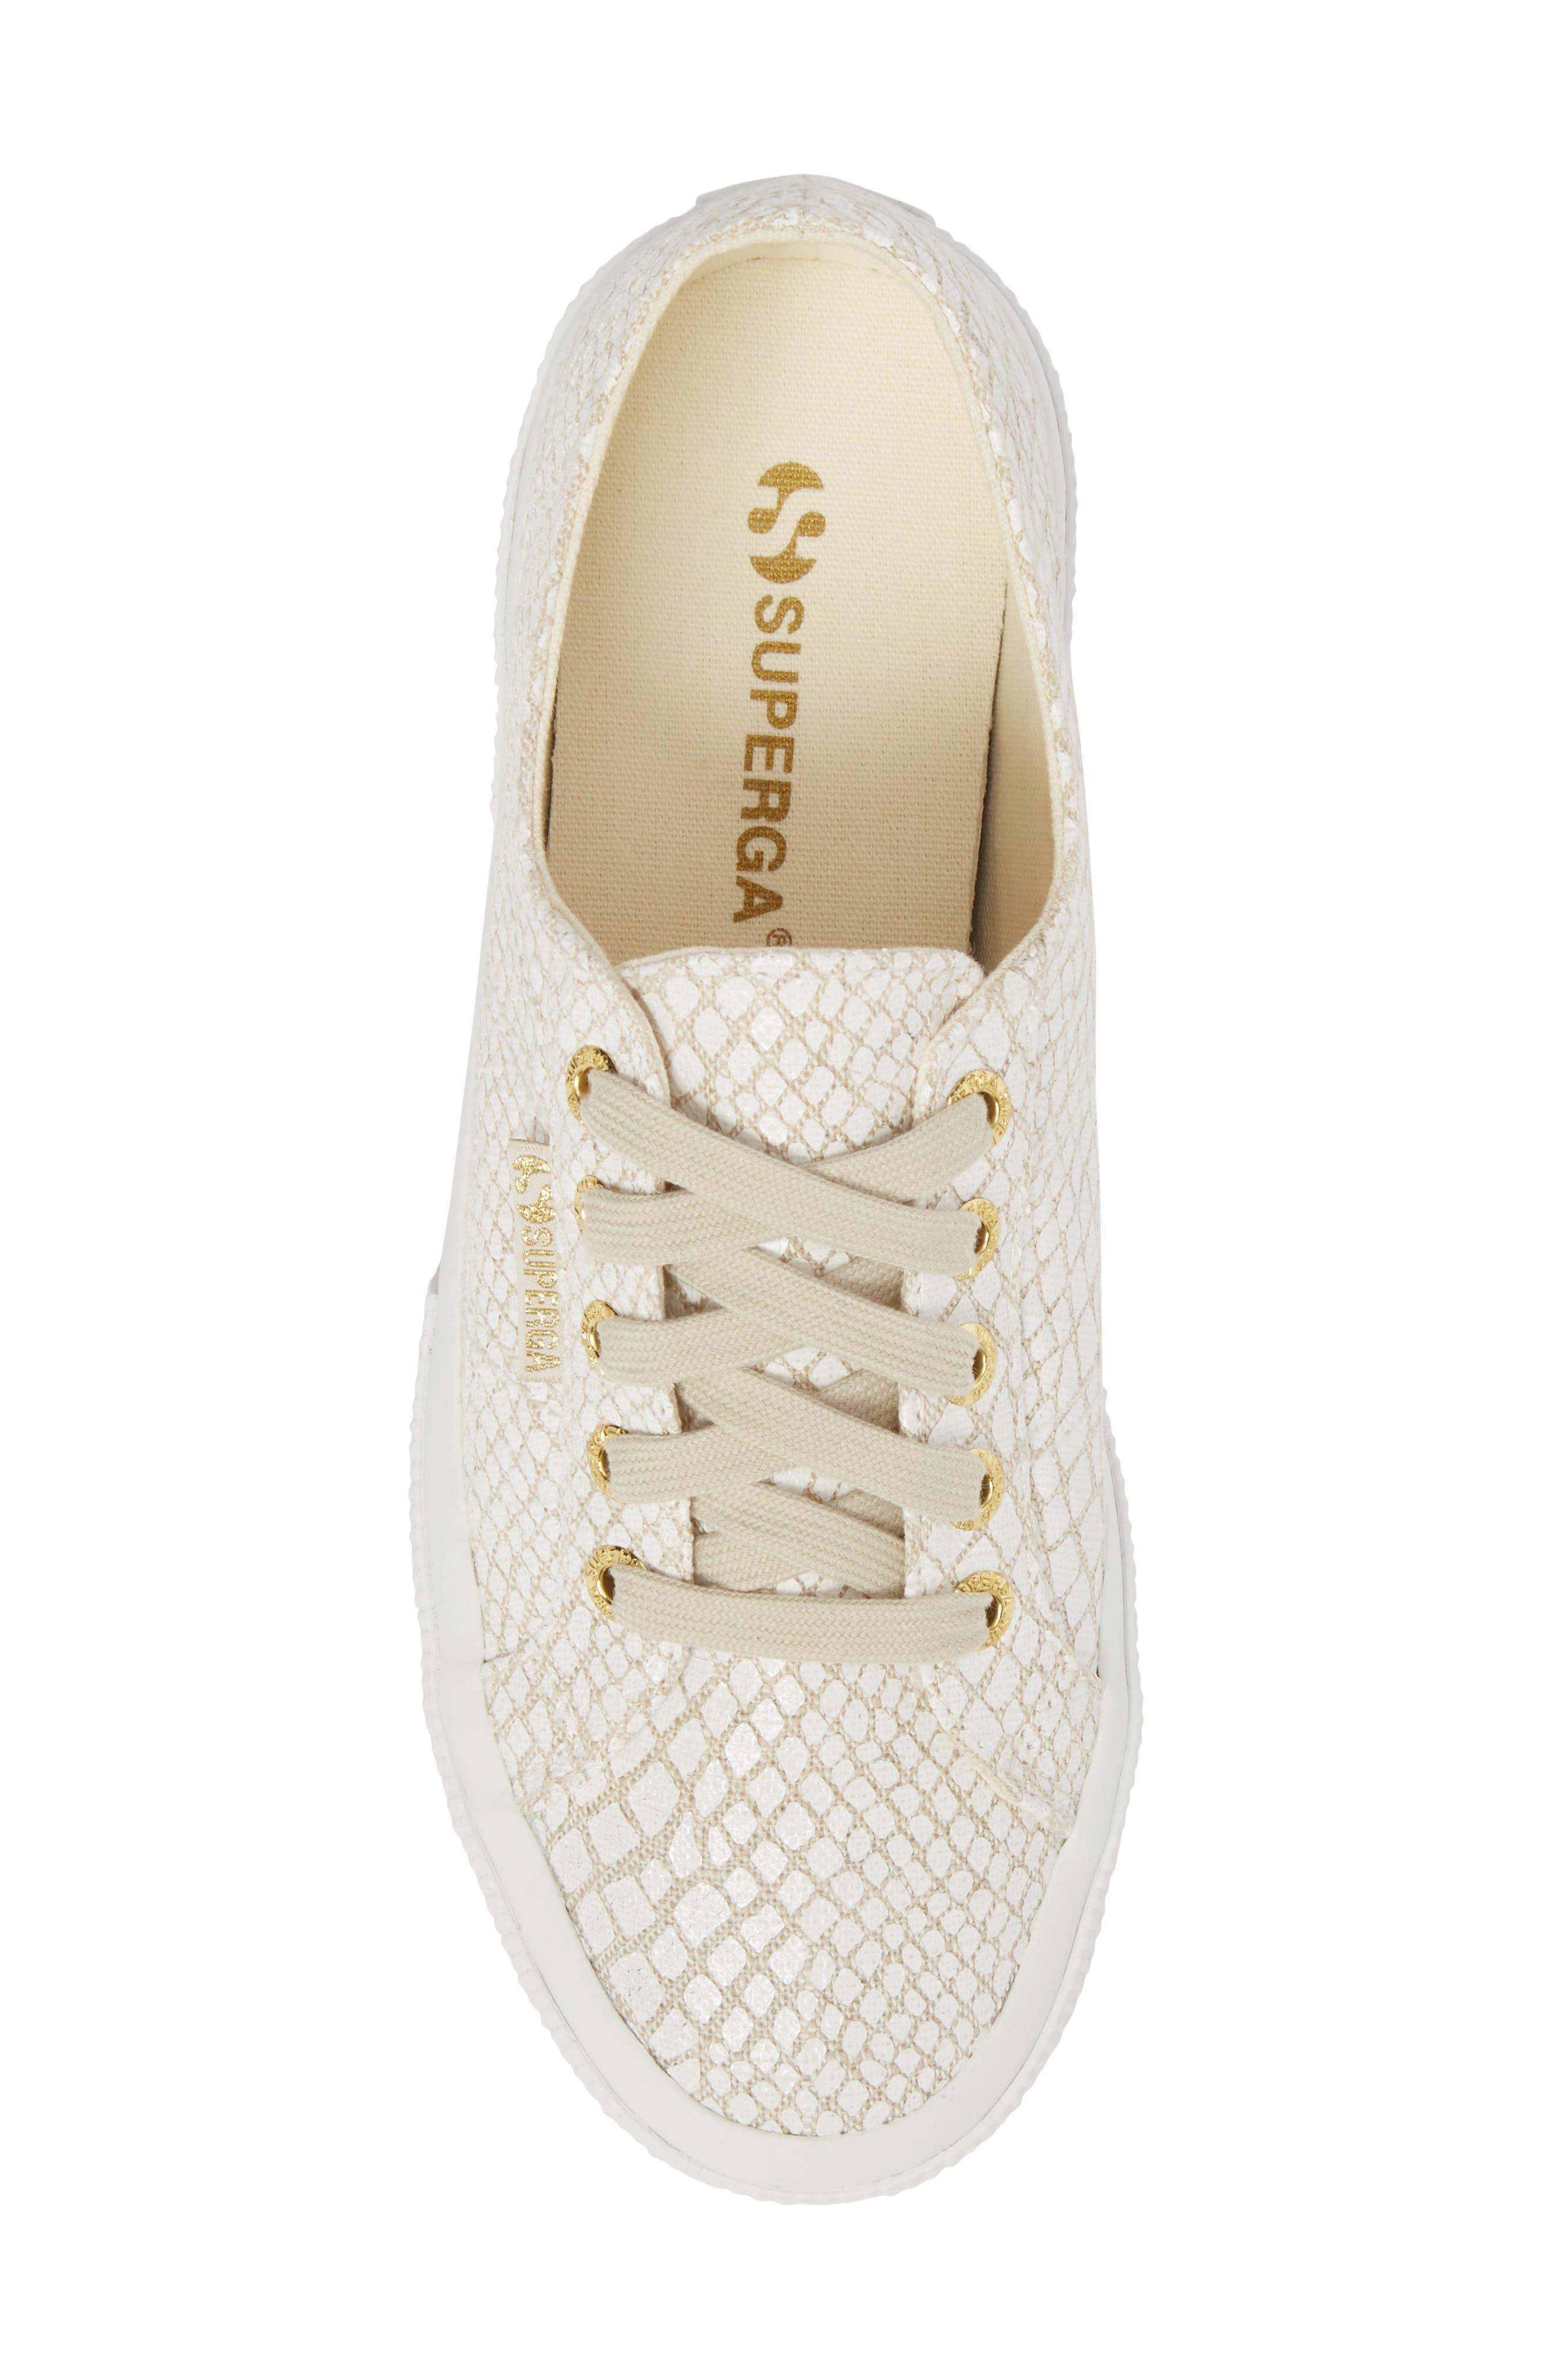 SUPERGA,                             2750 Low Top Sneaker,                             Alternate thumbnail 5, color,                             107